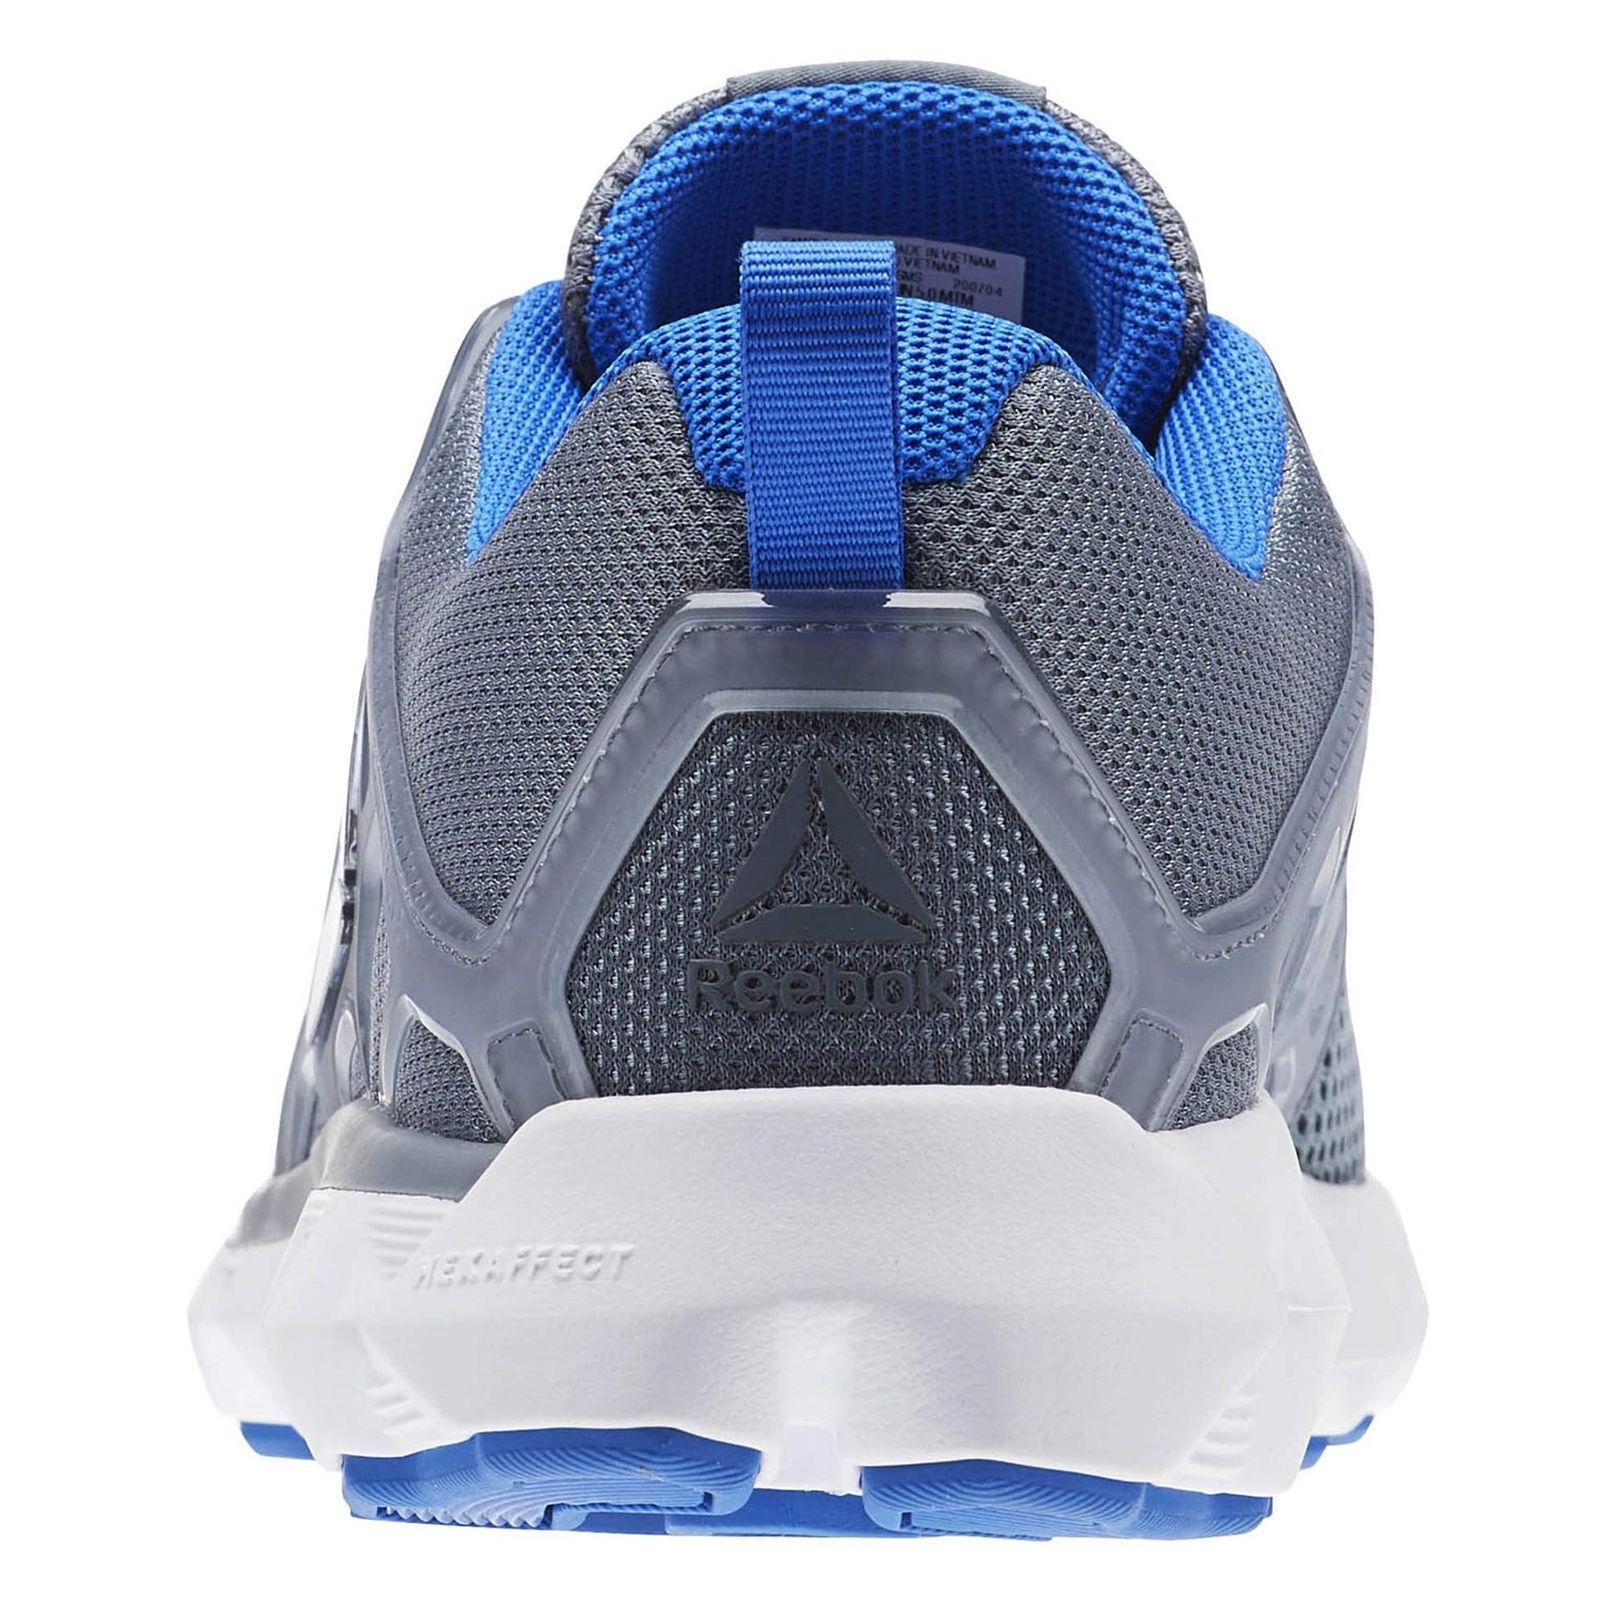 کفش دویدن بندی مردانه Hexaffect Run 5-0 Mtm - ریباک - طوسي - 6